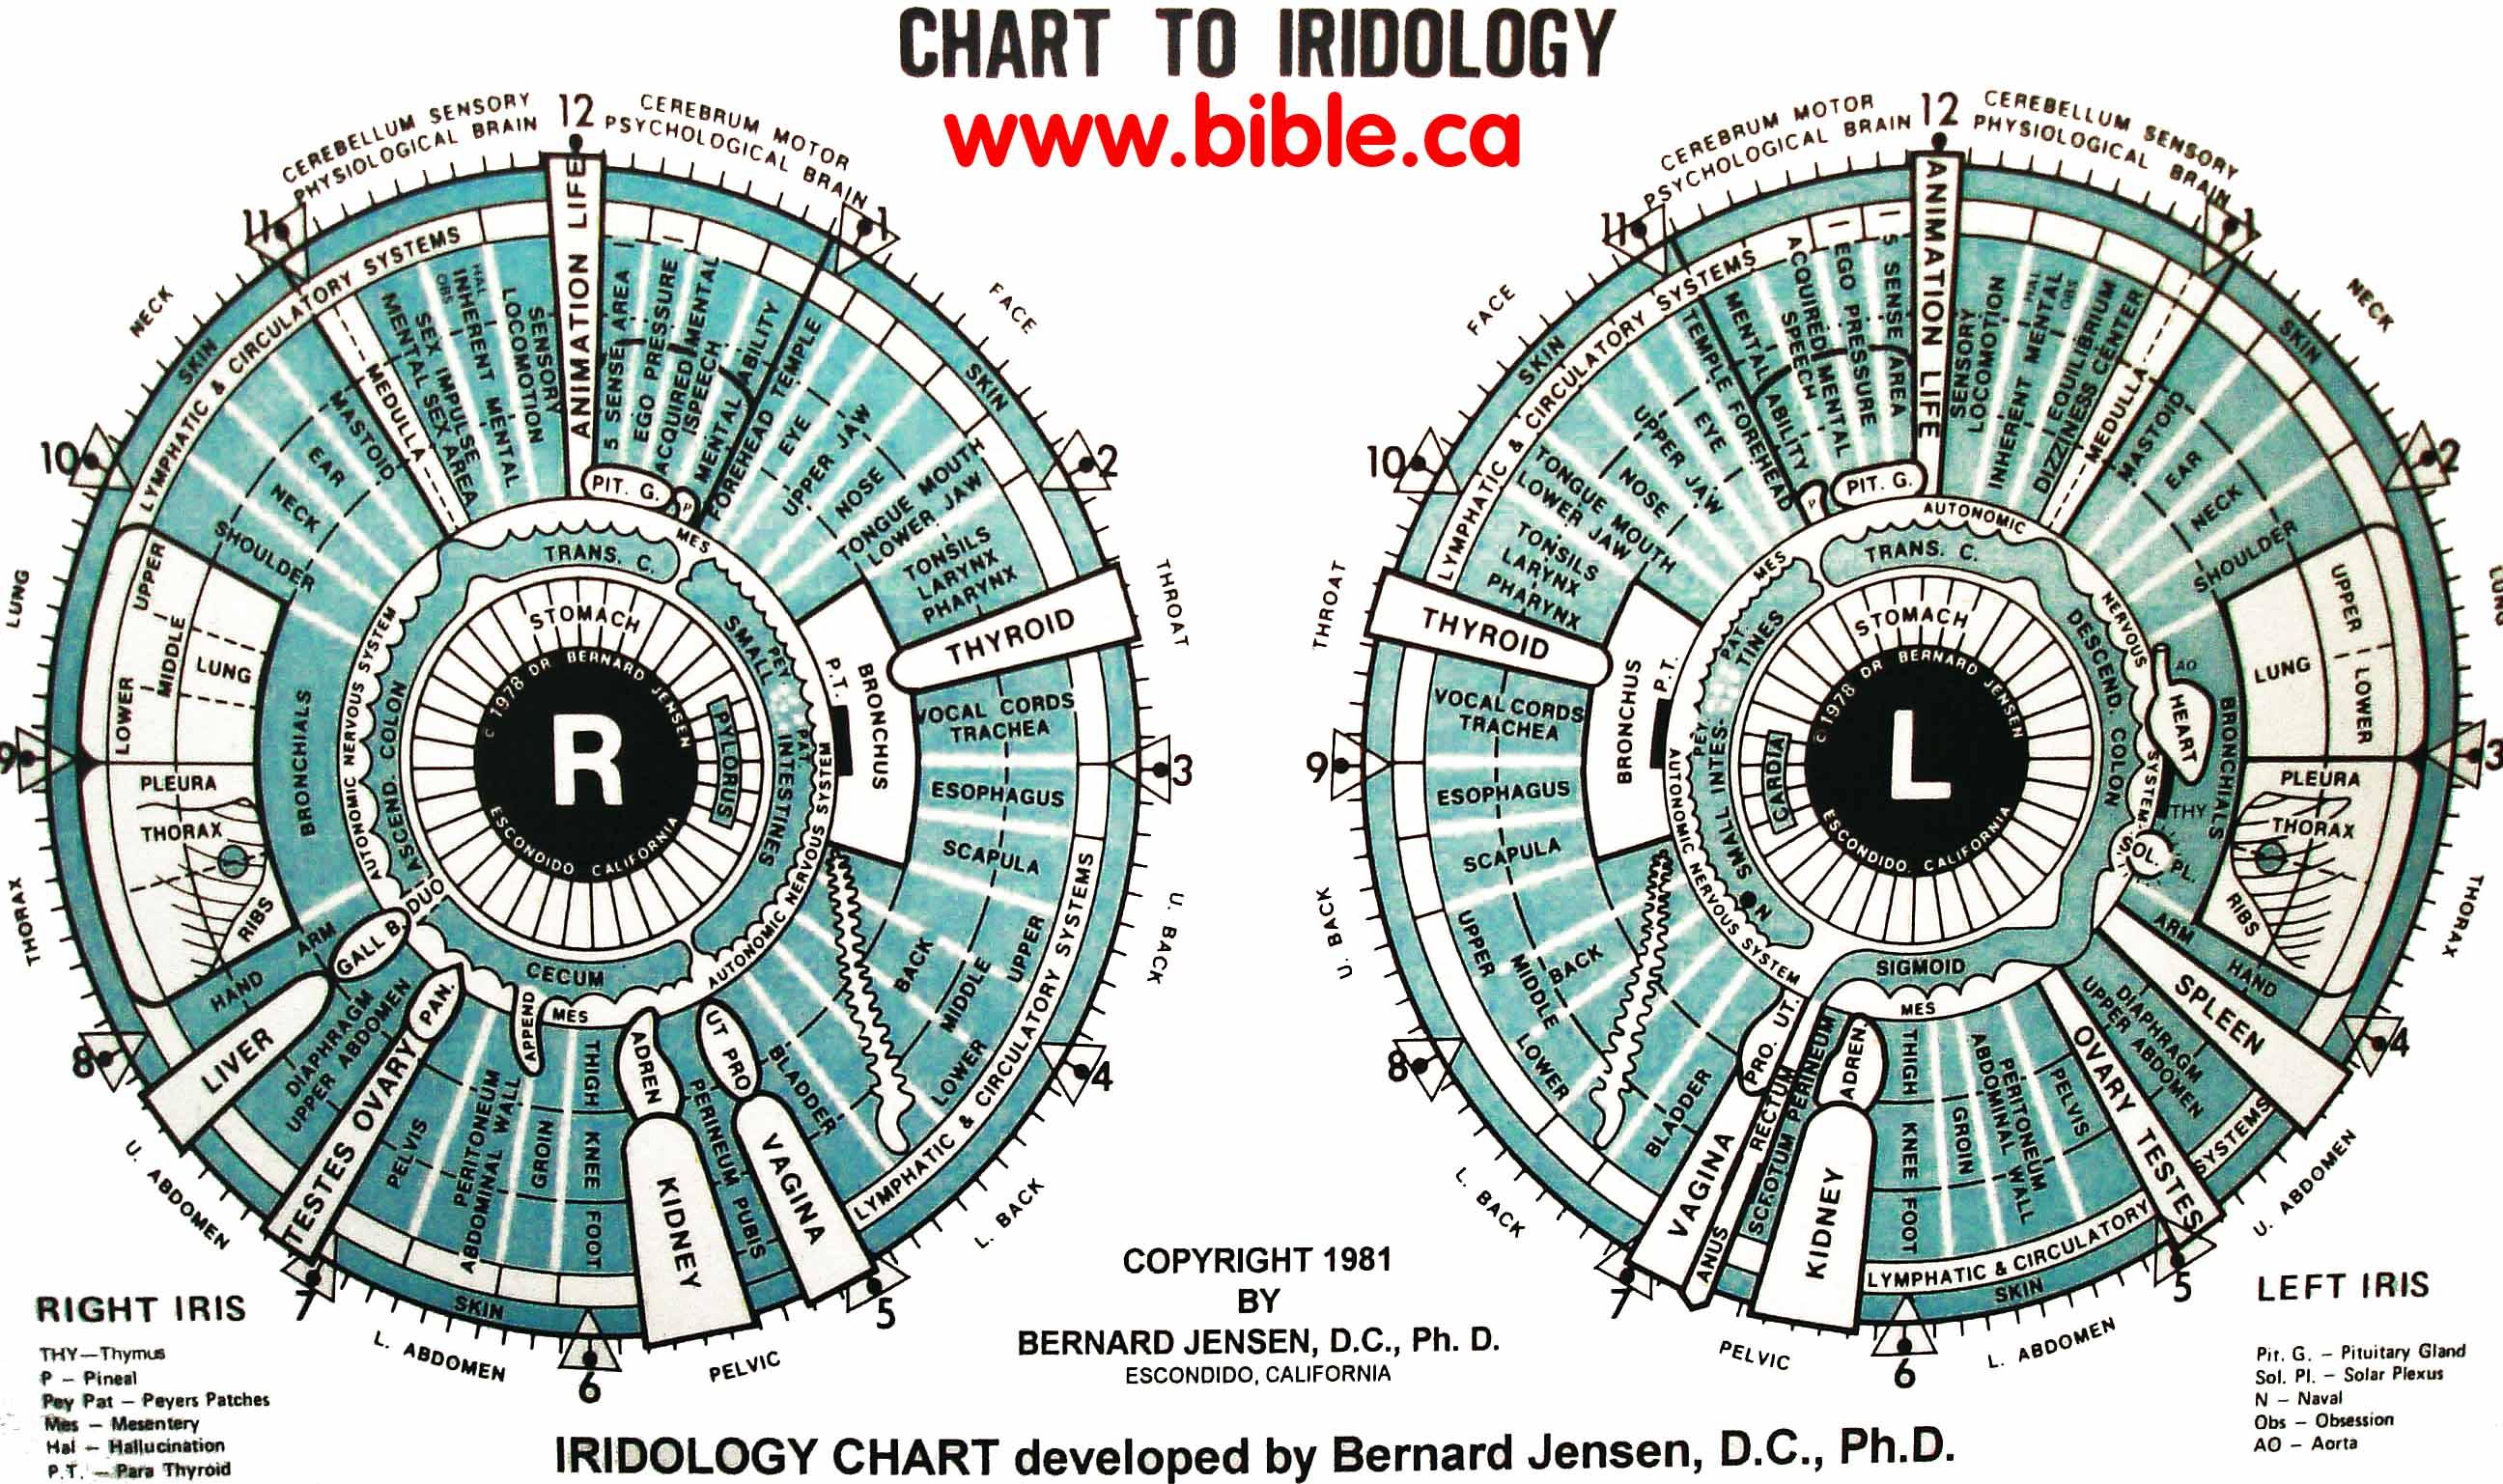 12 best iridology chartsleft eye chartright eye chart iriscope iridology chart bernard jensen 1981ad 10cf2393089f68bc18729e078430face geenschuldenfo Gallery